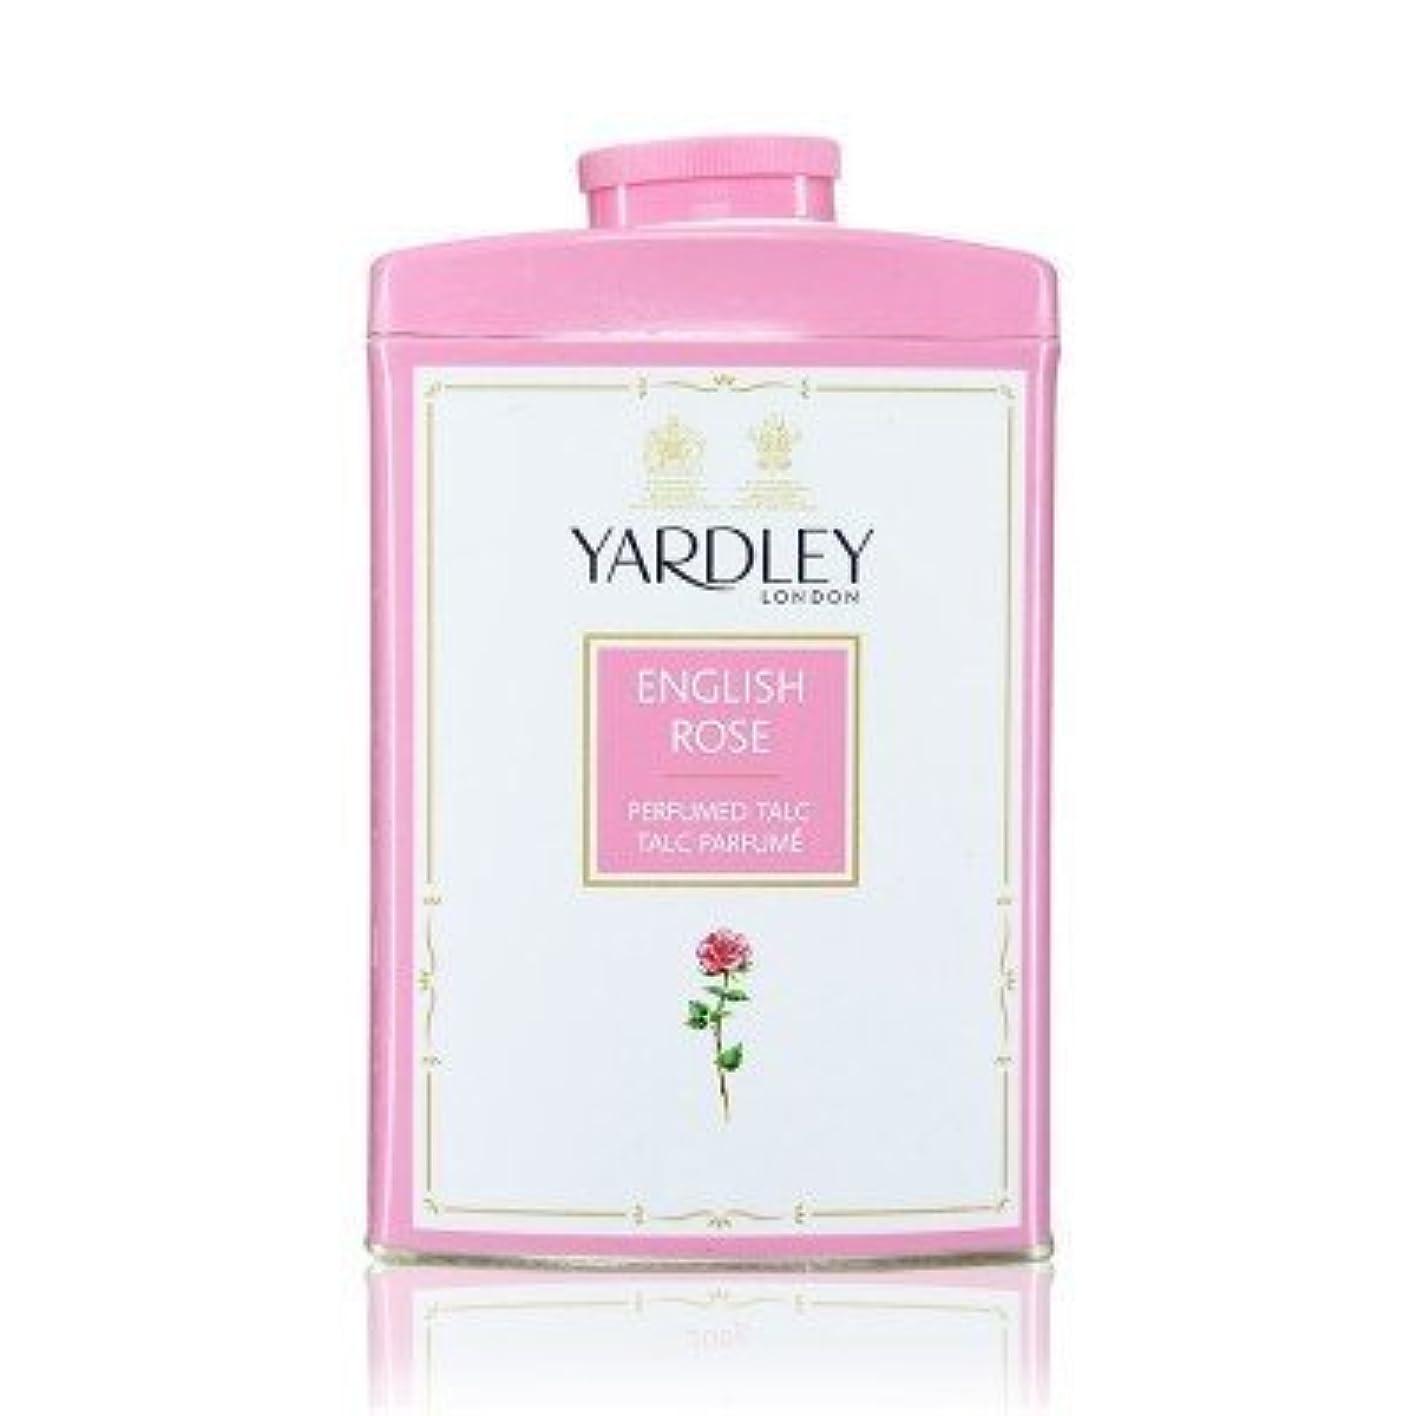 収まるこだわり近代化するYardley English Rose Perfumed Talc, 250 g by Yardley [並行輸入品]